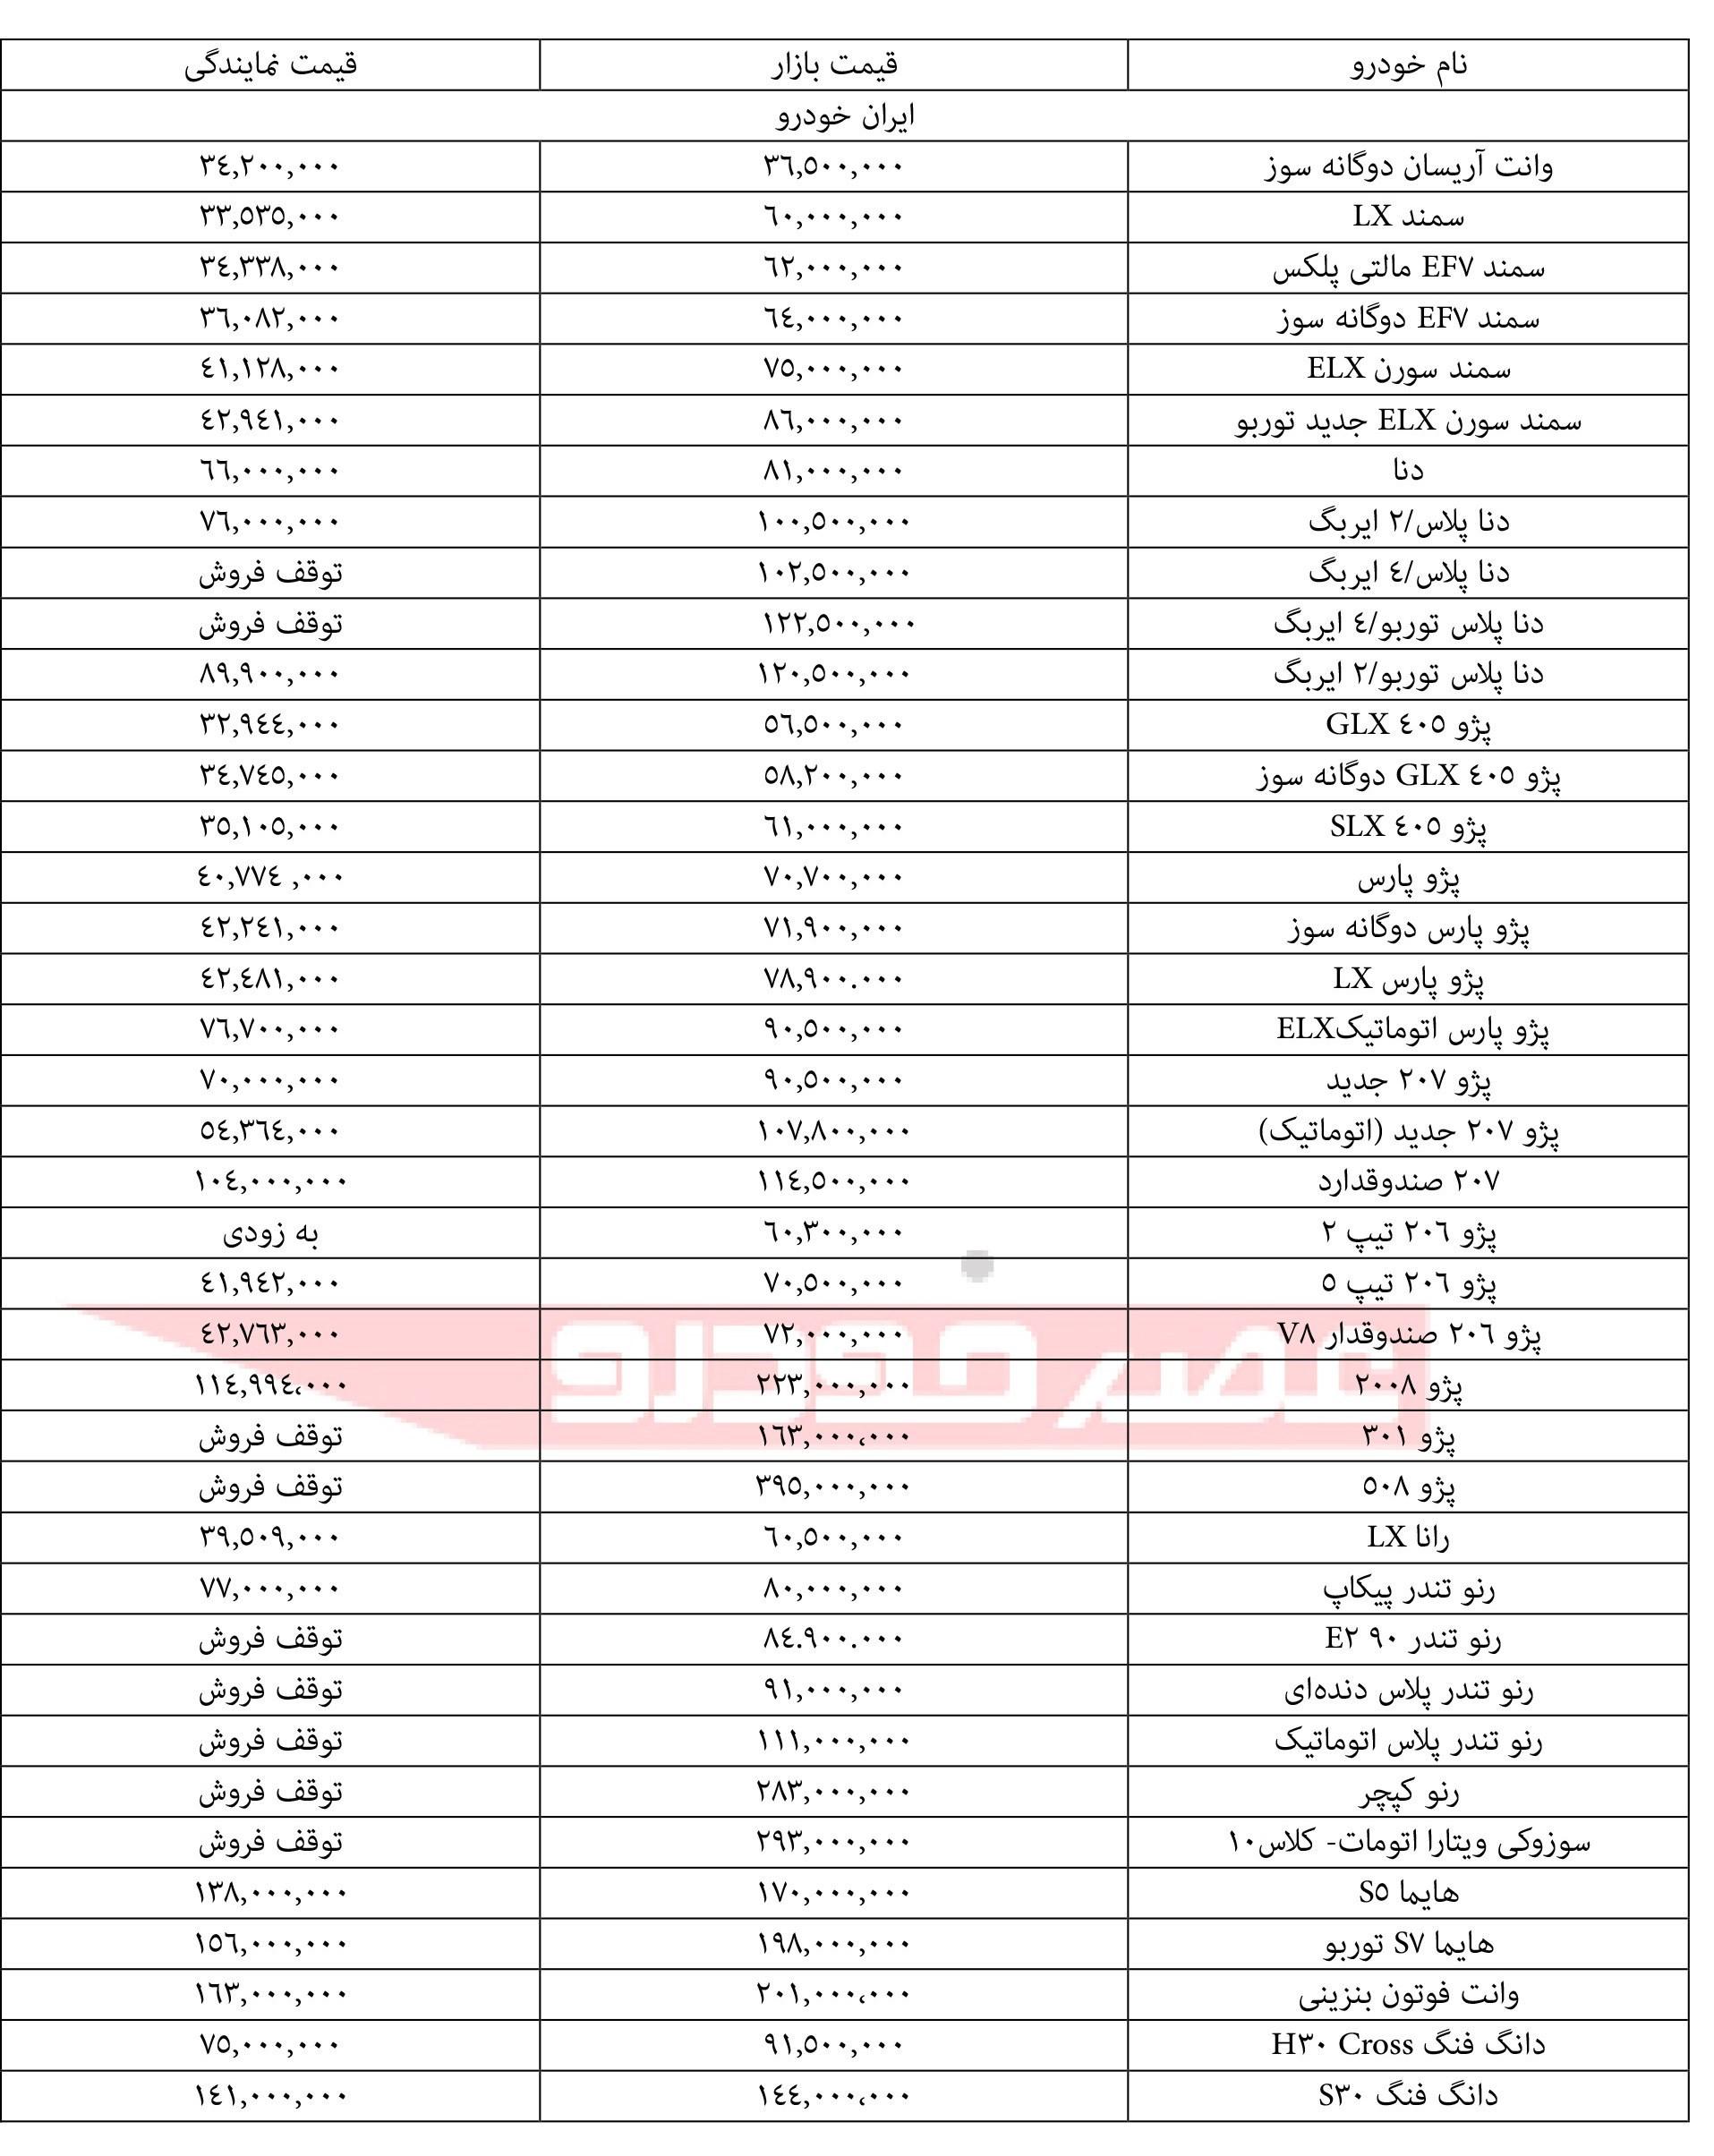 قیمت انواع محصولات ایران خودرو ۱۶ دی۹۷ - 2